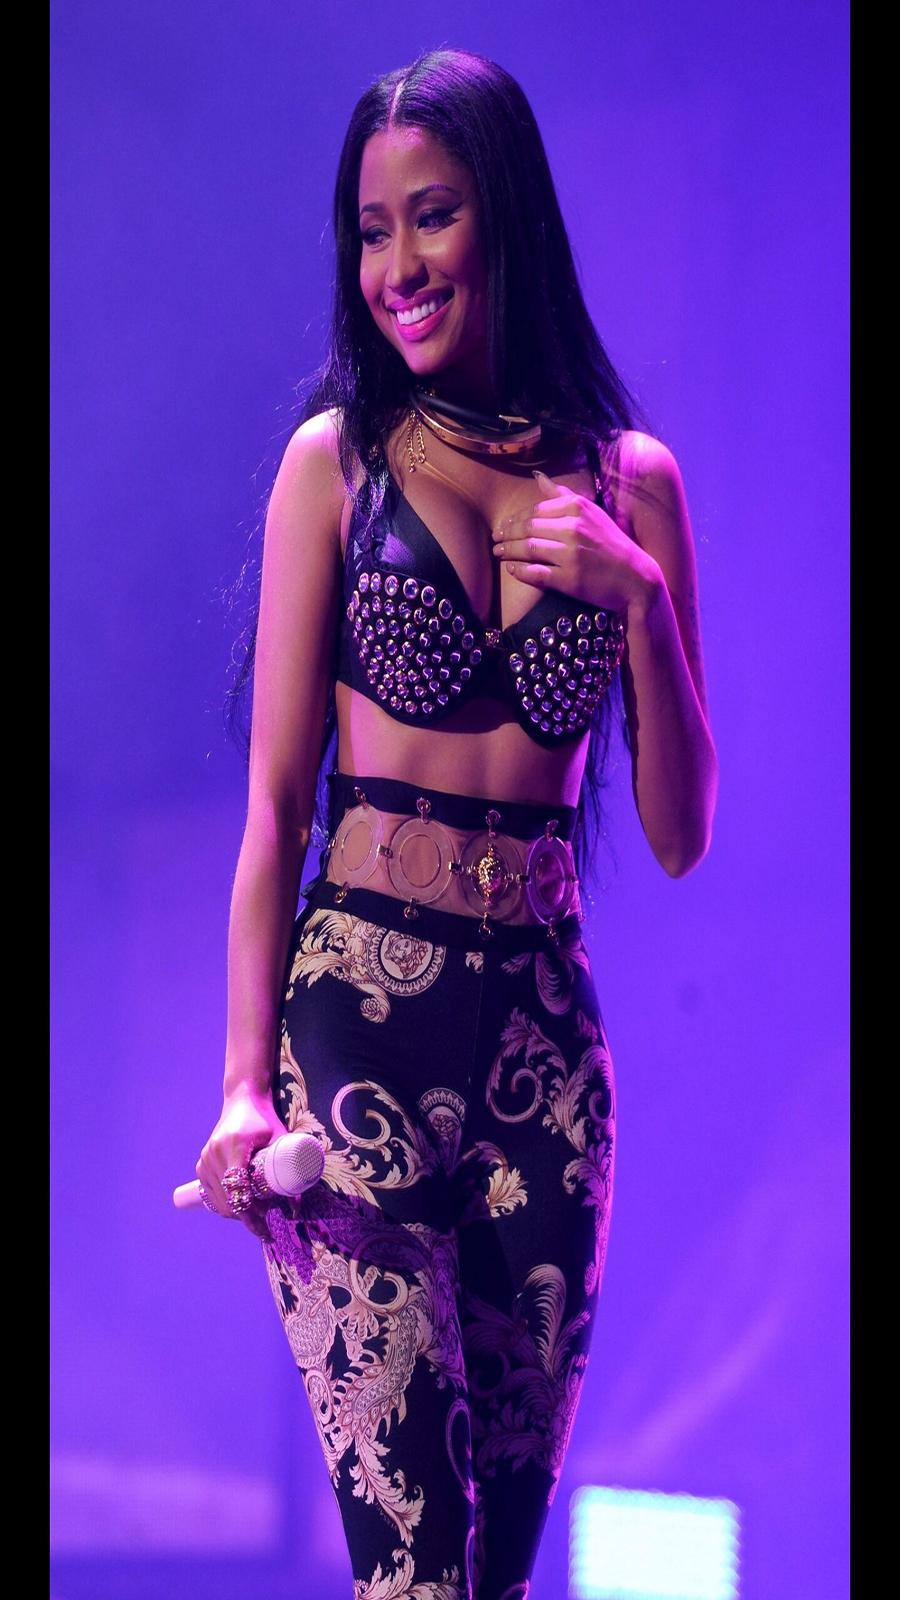 Singer Nicki Minaj Wallpapers Download